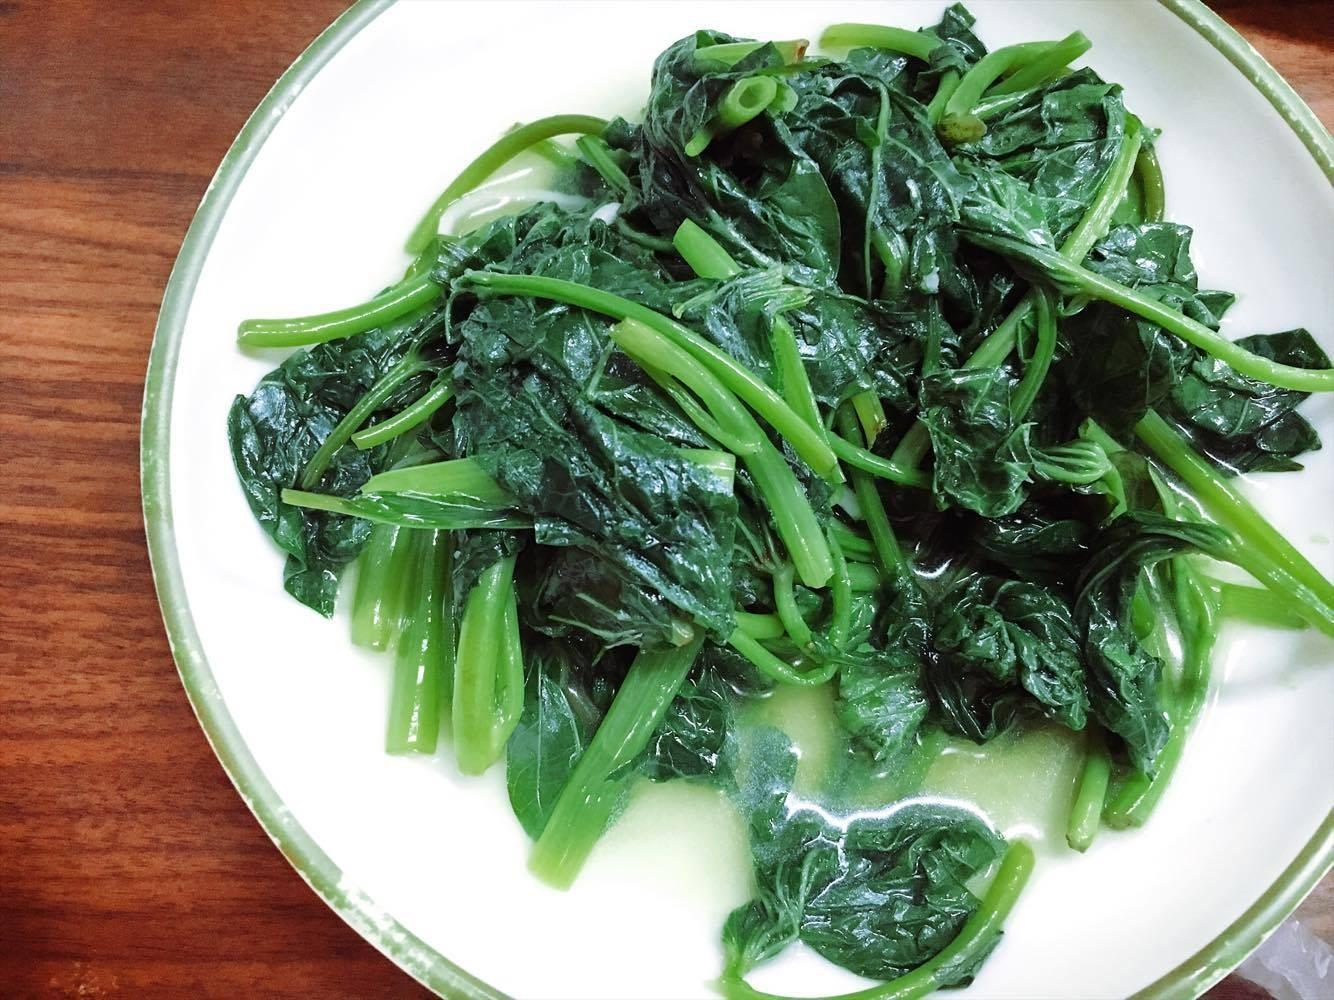 地瓜葉,青菜,燙青菜,蔬菜。(圖/記者李佳蓉攝)